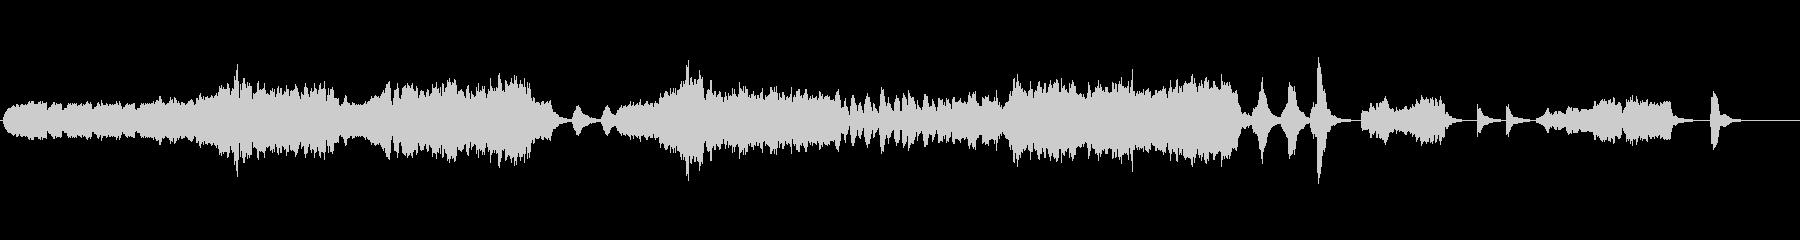 生演奏リコーダーとストリングスのBGMの未再生の波形